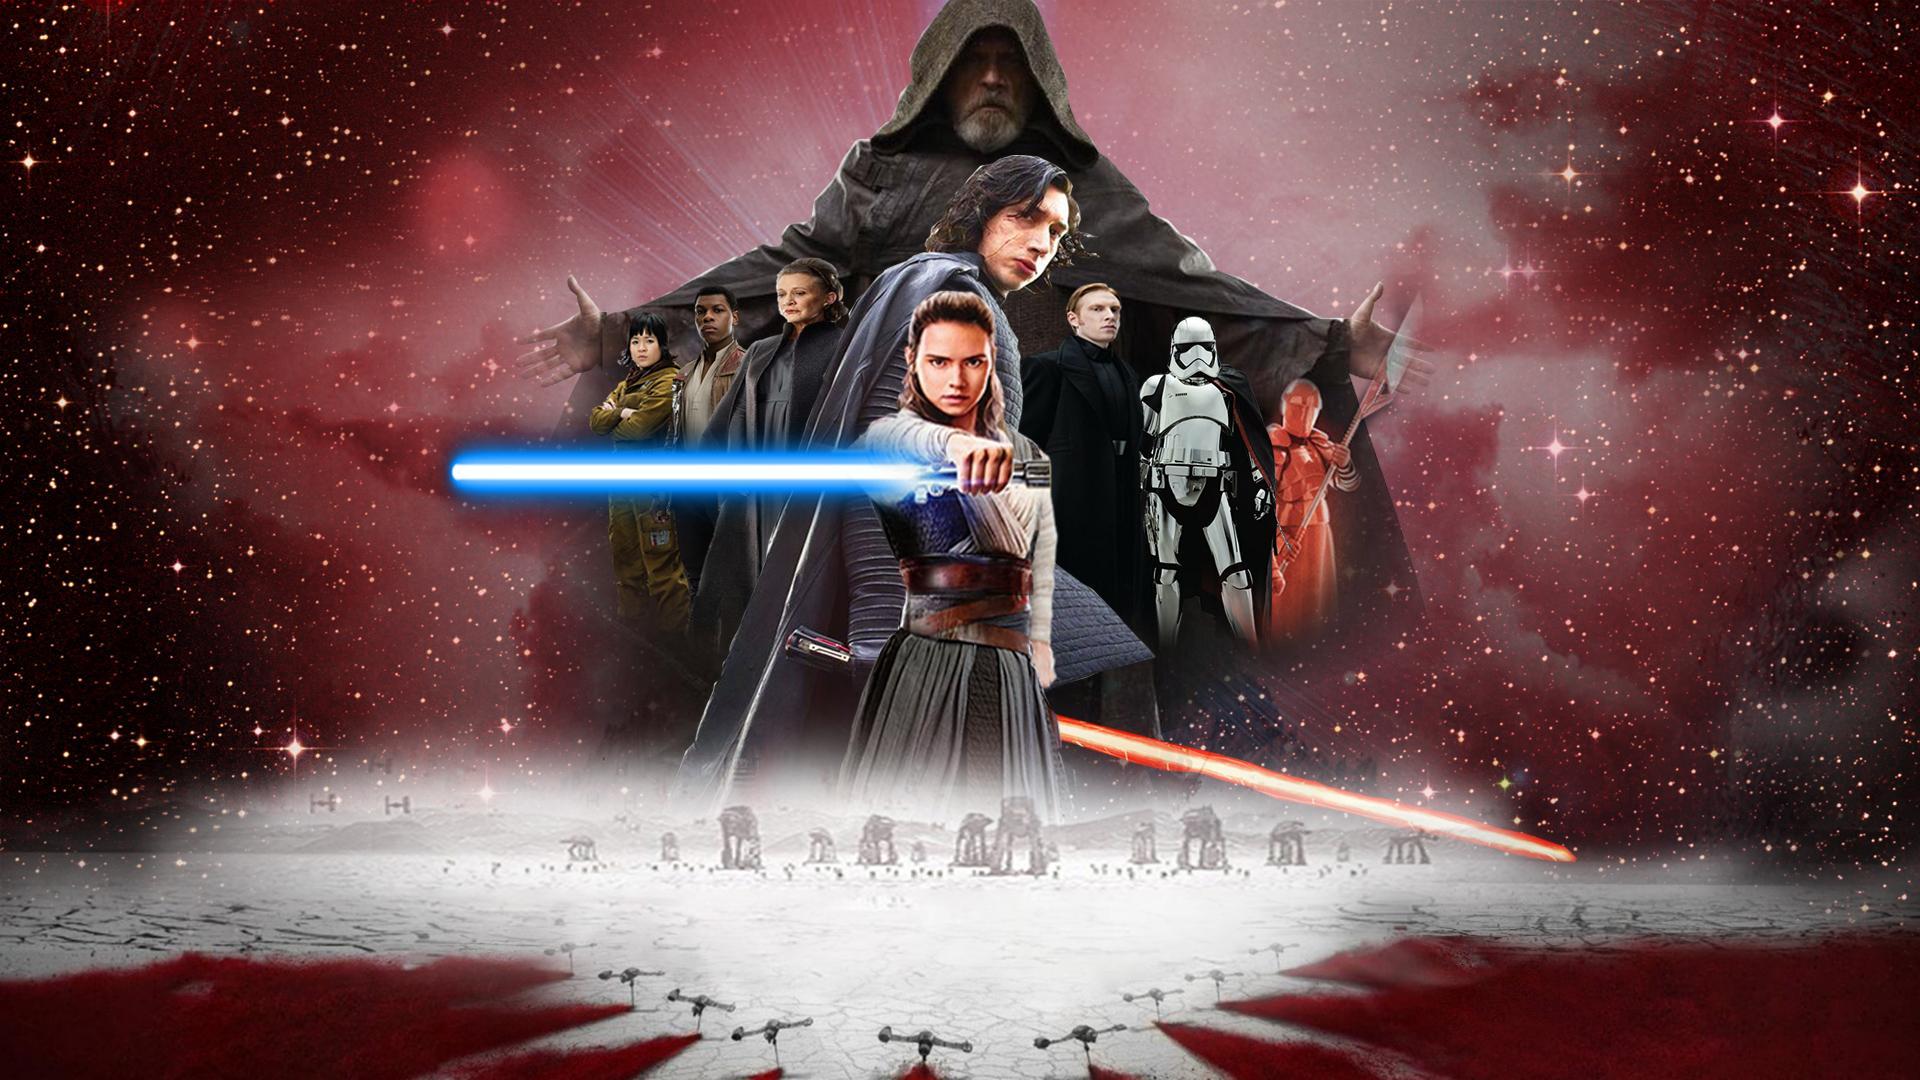 The Last Jedi Wallpaper Wallpaper Collection